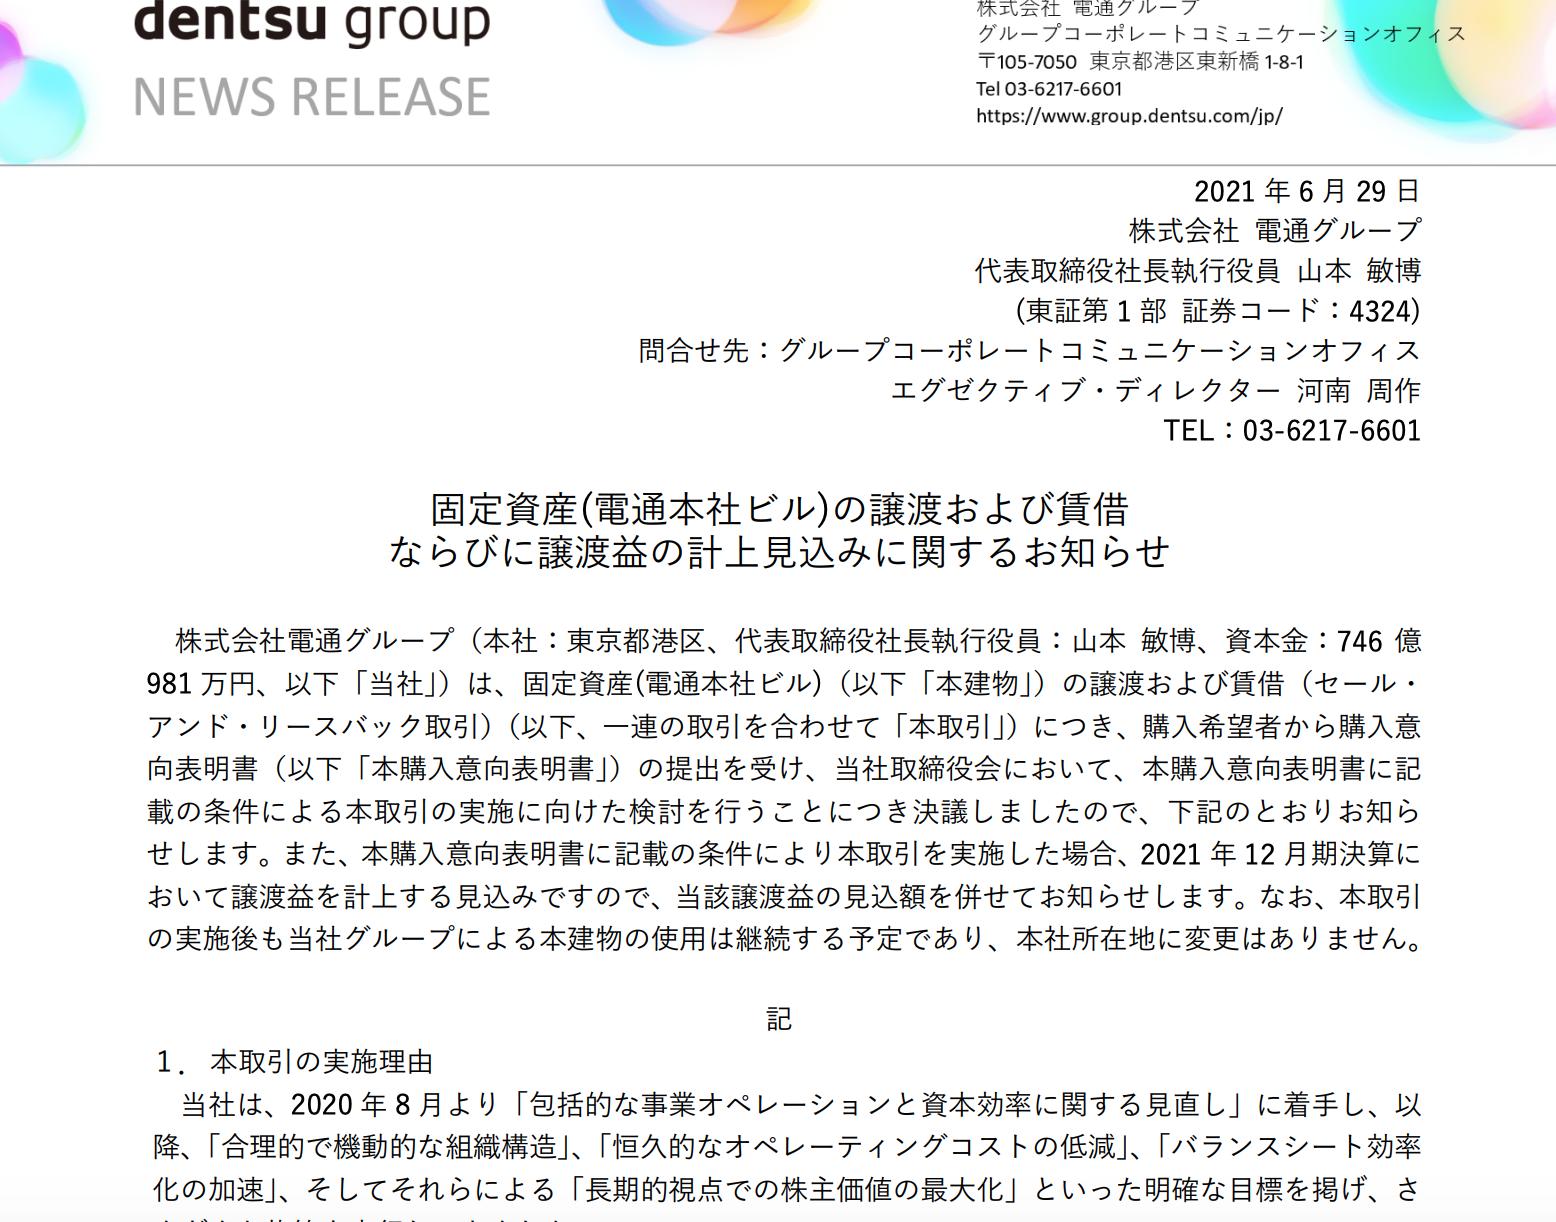 電通、資産売却を加速 汐留・世田谷・鎌倉ー新橋の本社ビルは890億円の譲渡益に